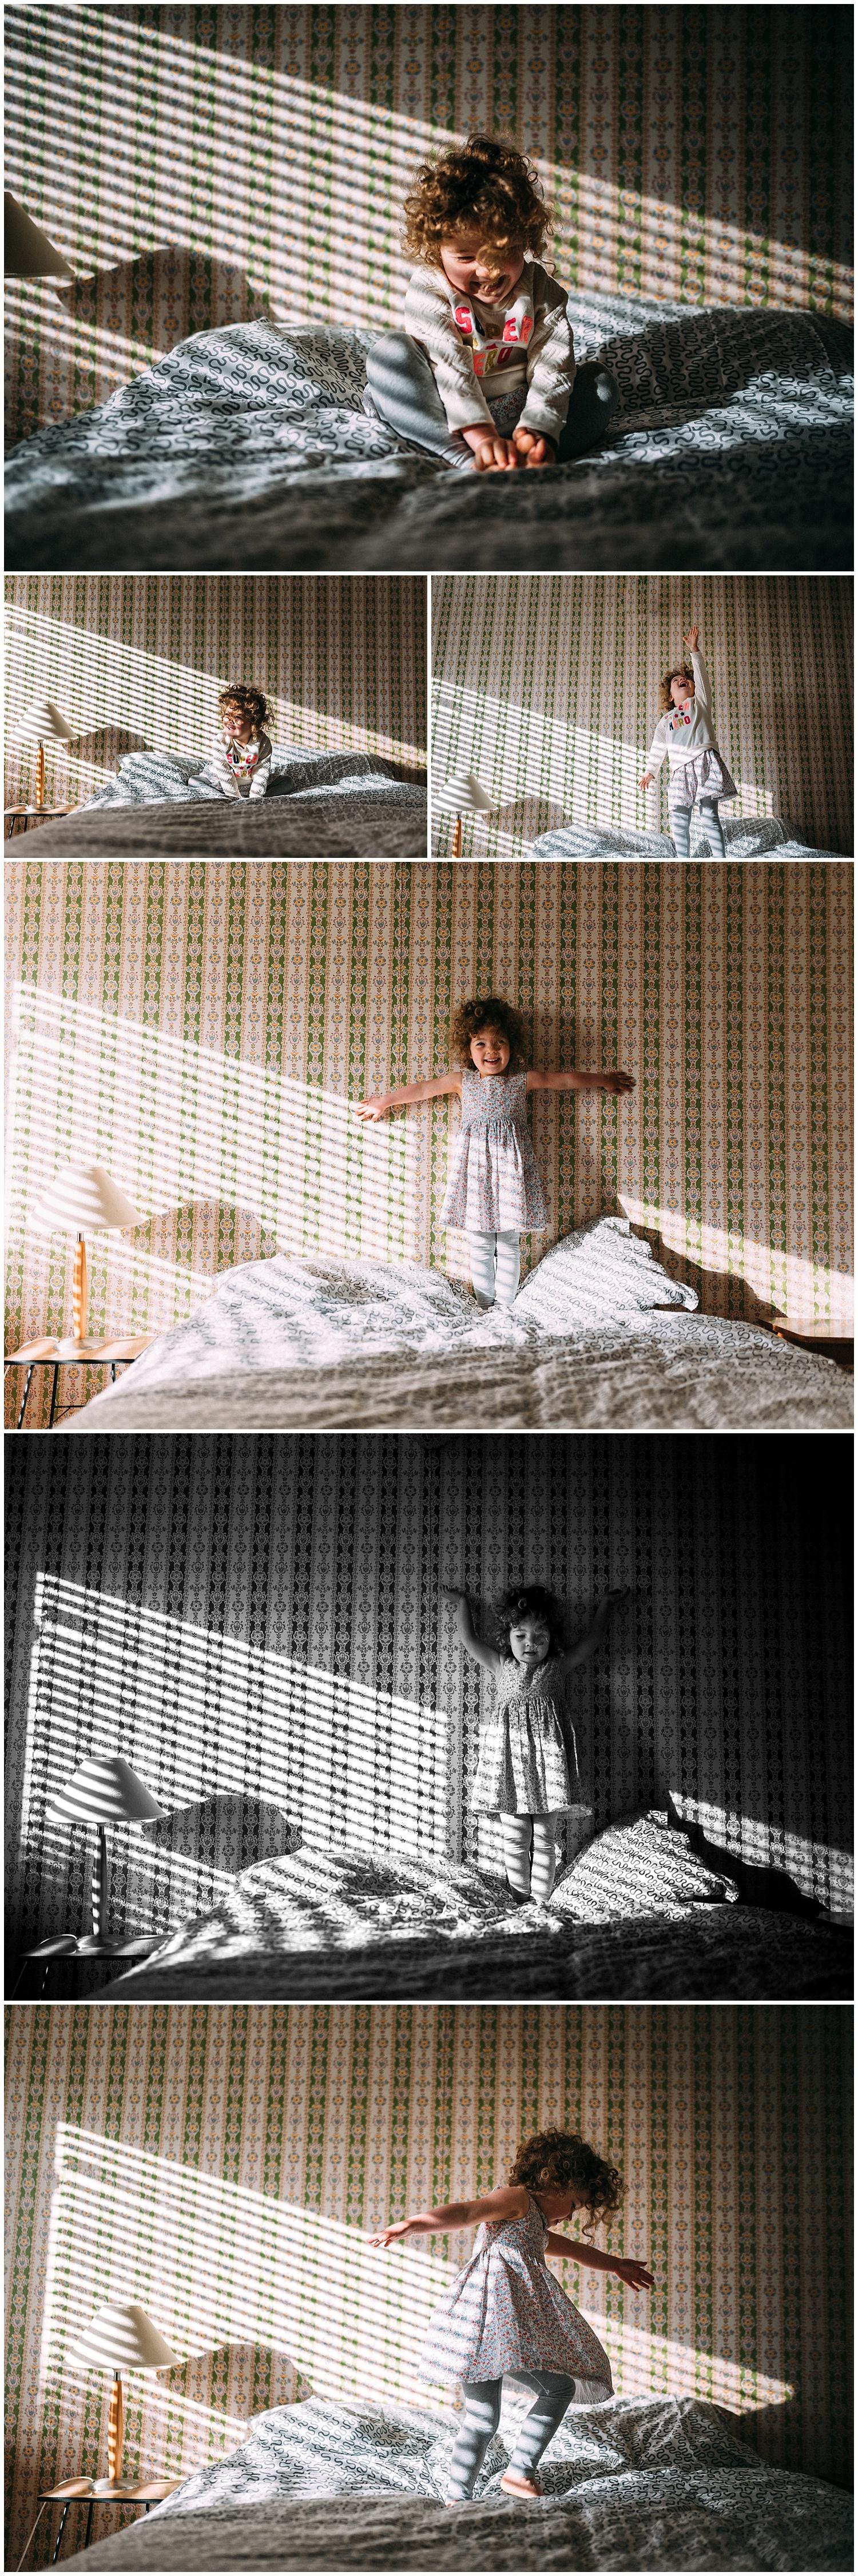 The light...the wallpaper...the girl...